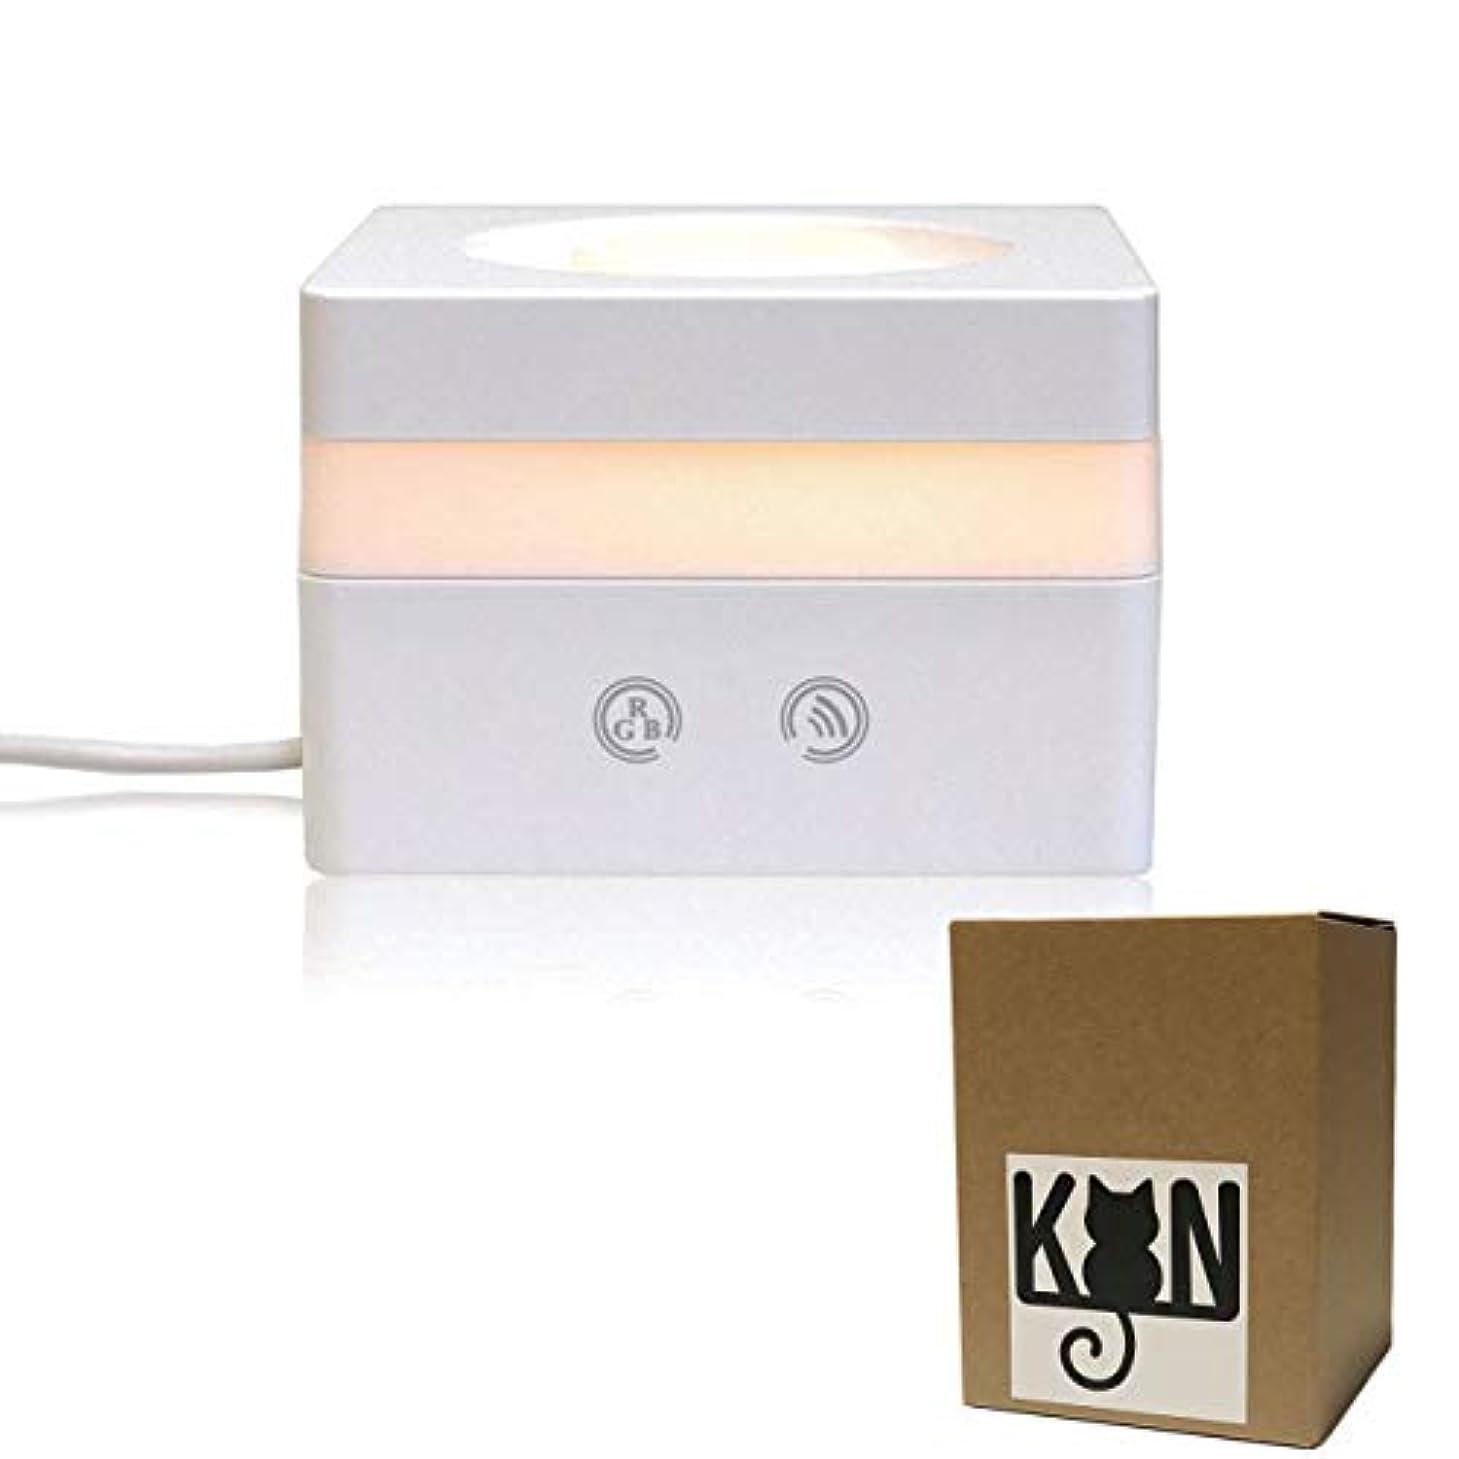 安心教会減衰KON アロマディフューザー 超音波式 アロマ加湿器 卓上 アロマ ムードランプ 七色変換LEDライト USB給電式 空焚き防止機能 卓上加湿器 キューブ型